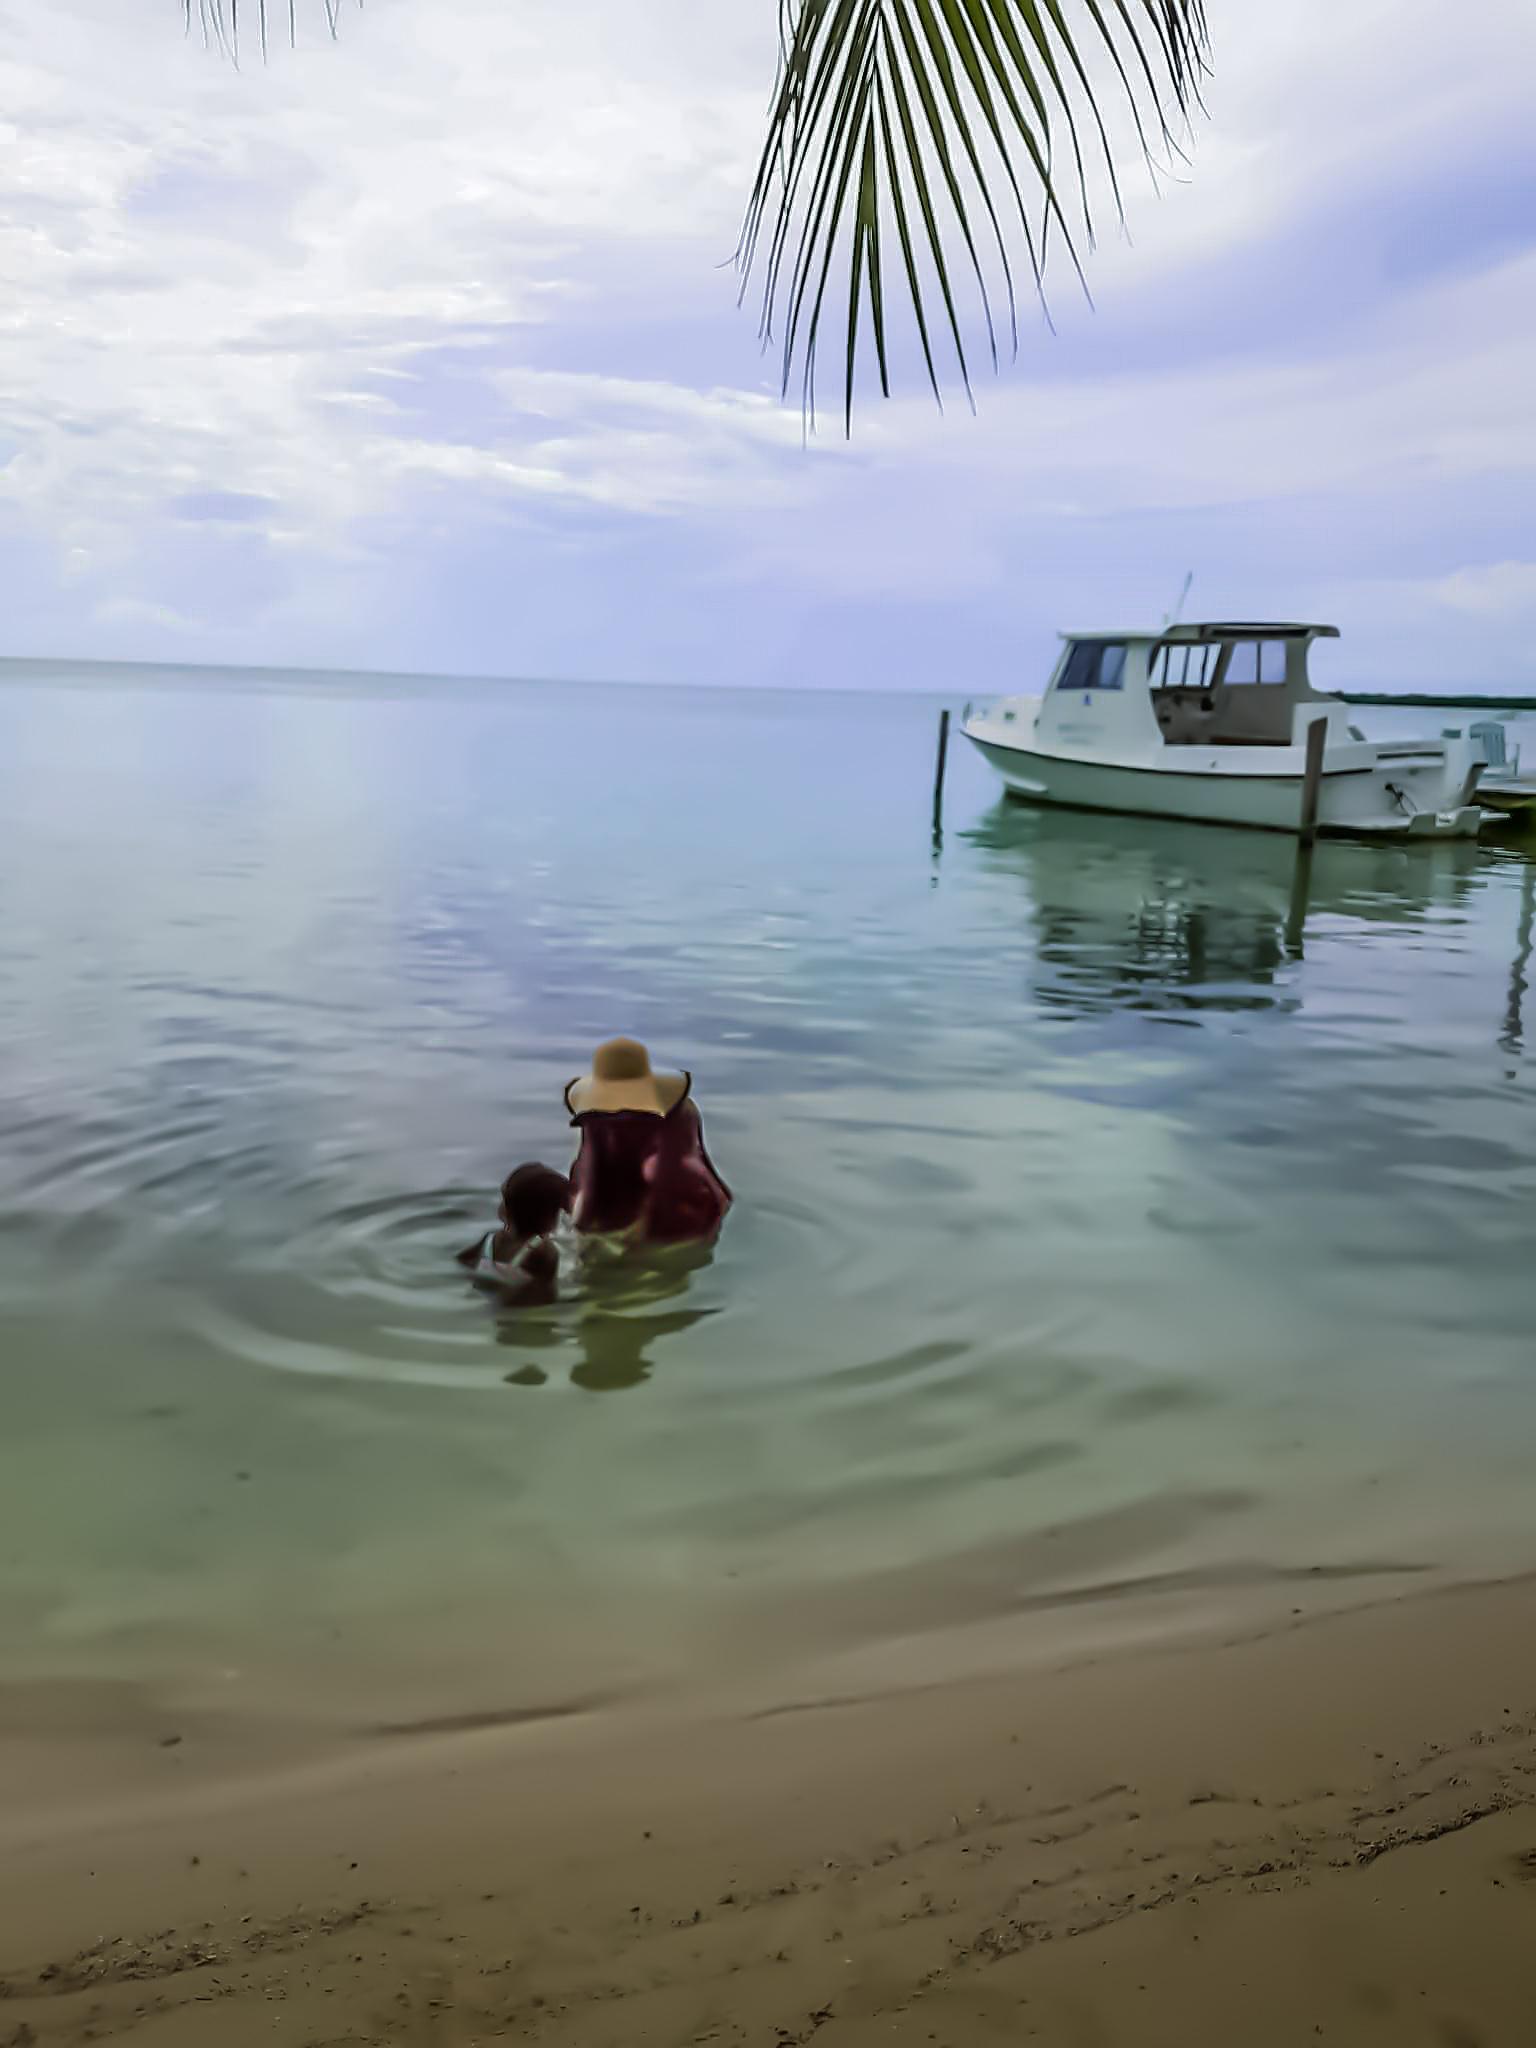 Peten (Guatemala) and Caye Caulker (Belize) LRM_EXPORT_410237359300010_20190310_095709423LRM_EXPORT_